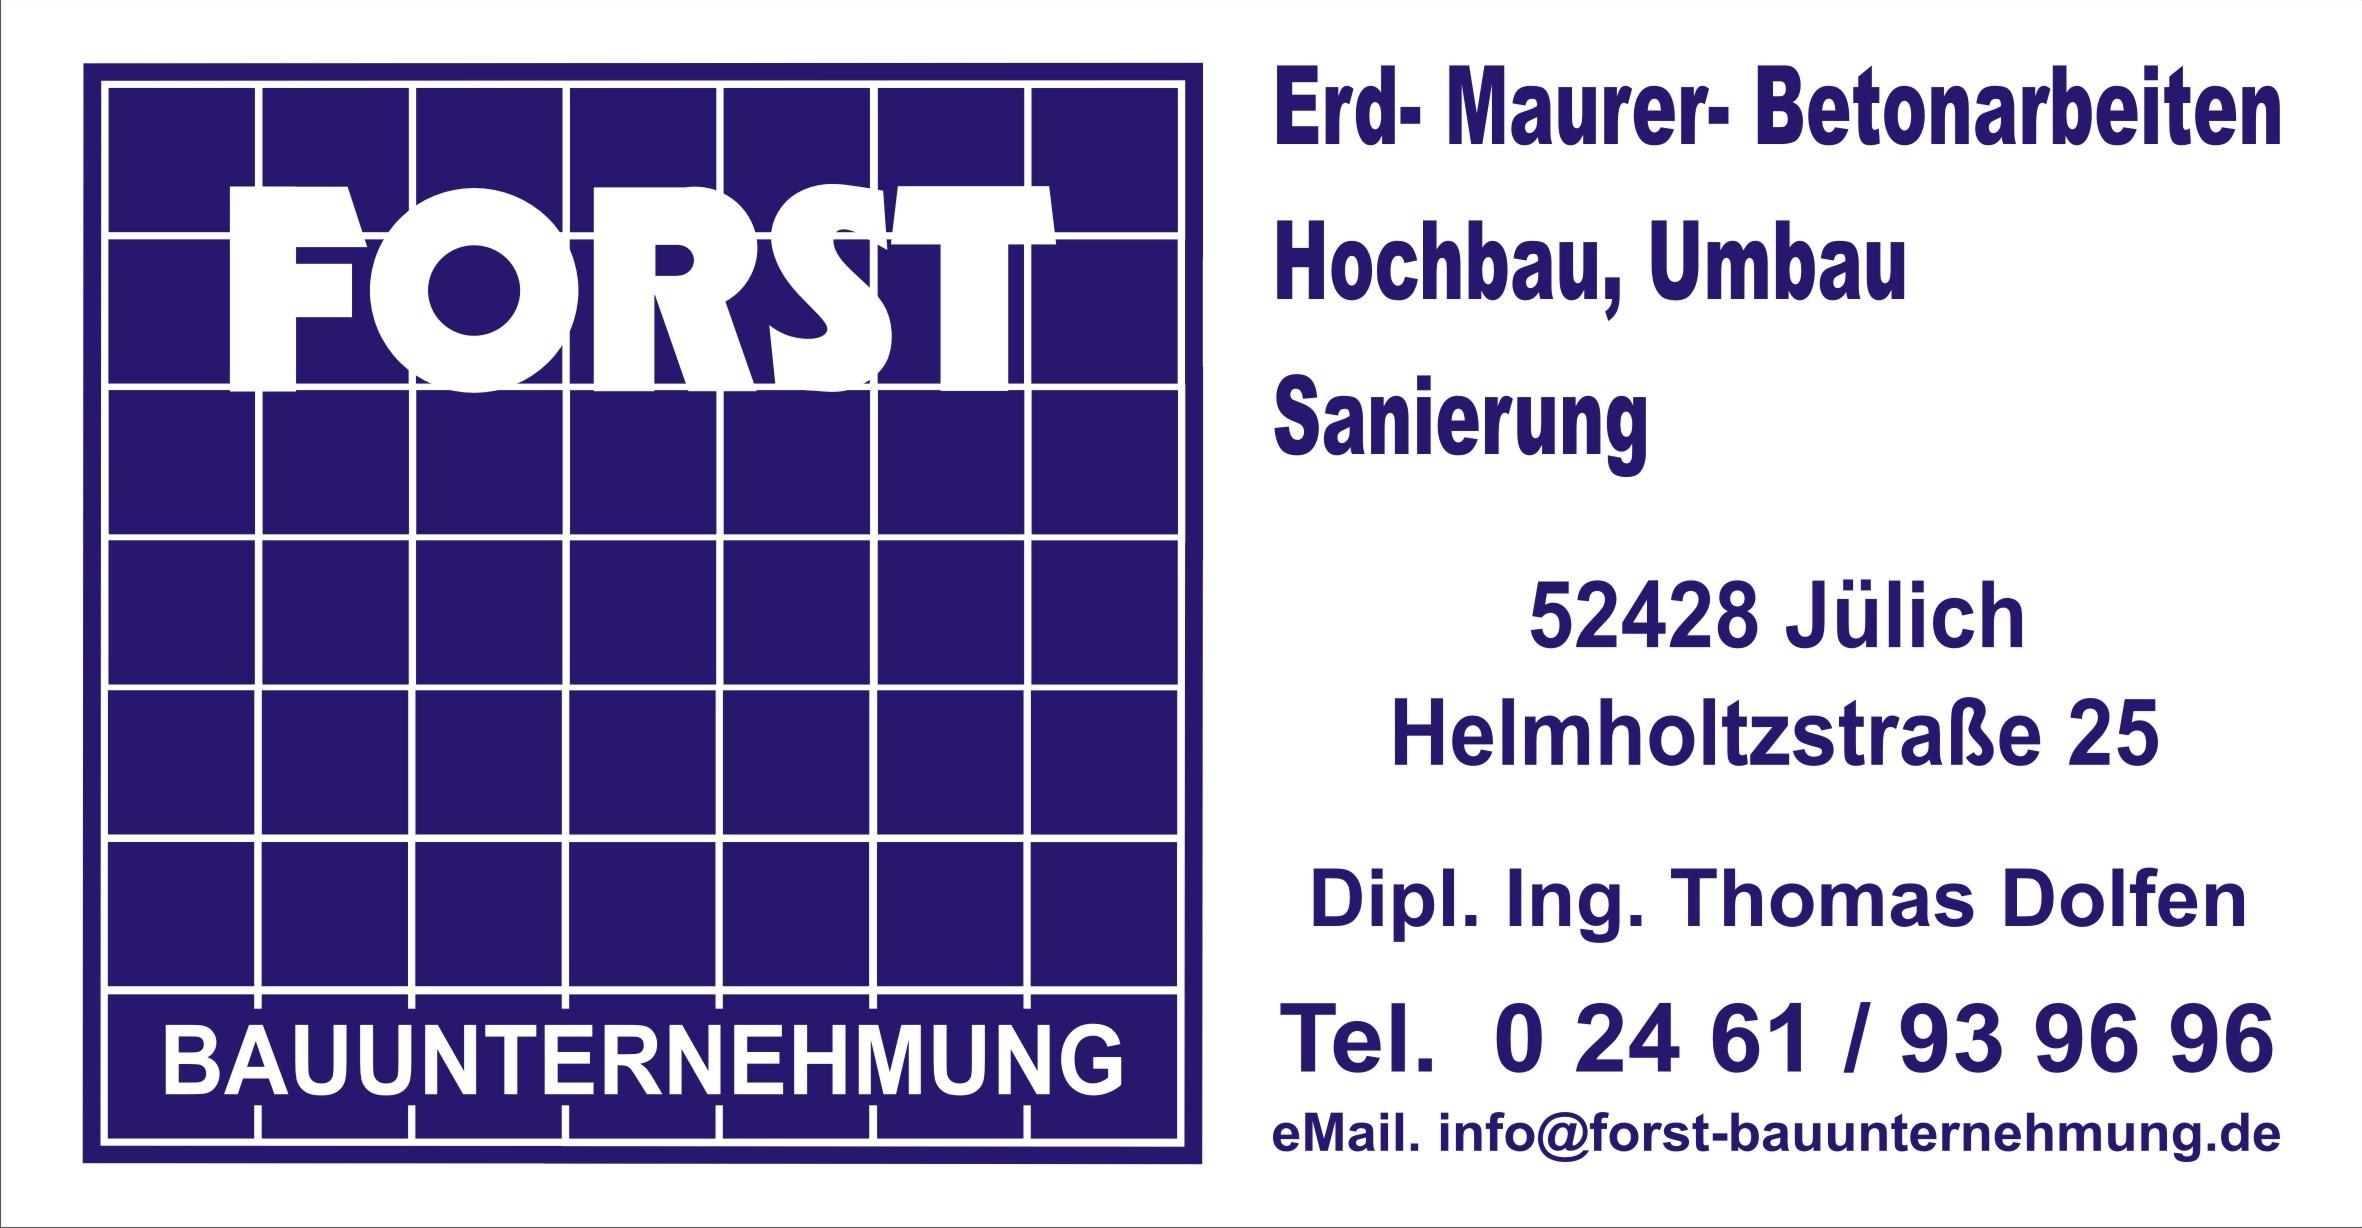 Bauunternehmung Forst